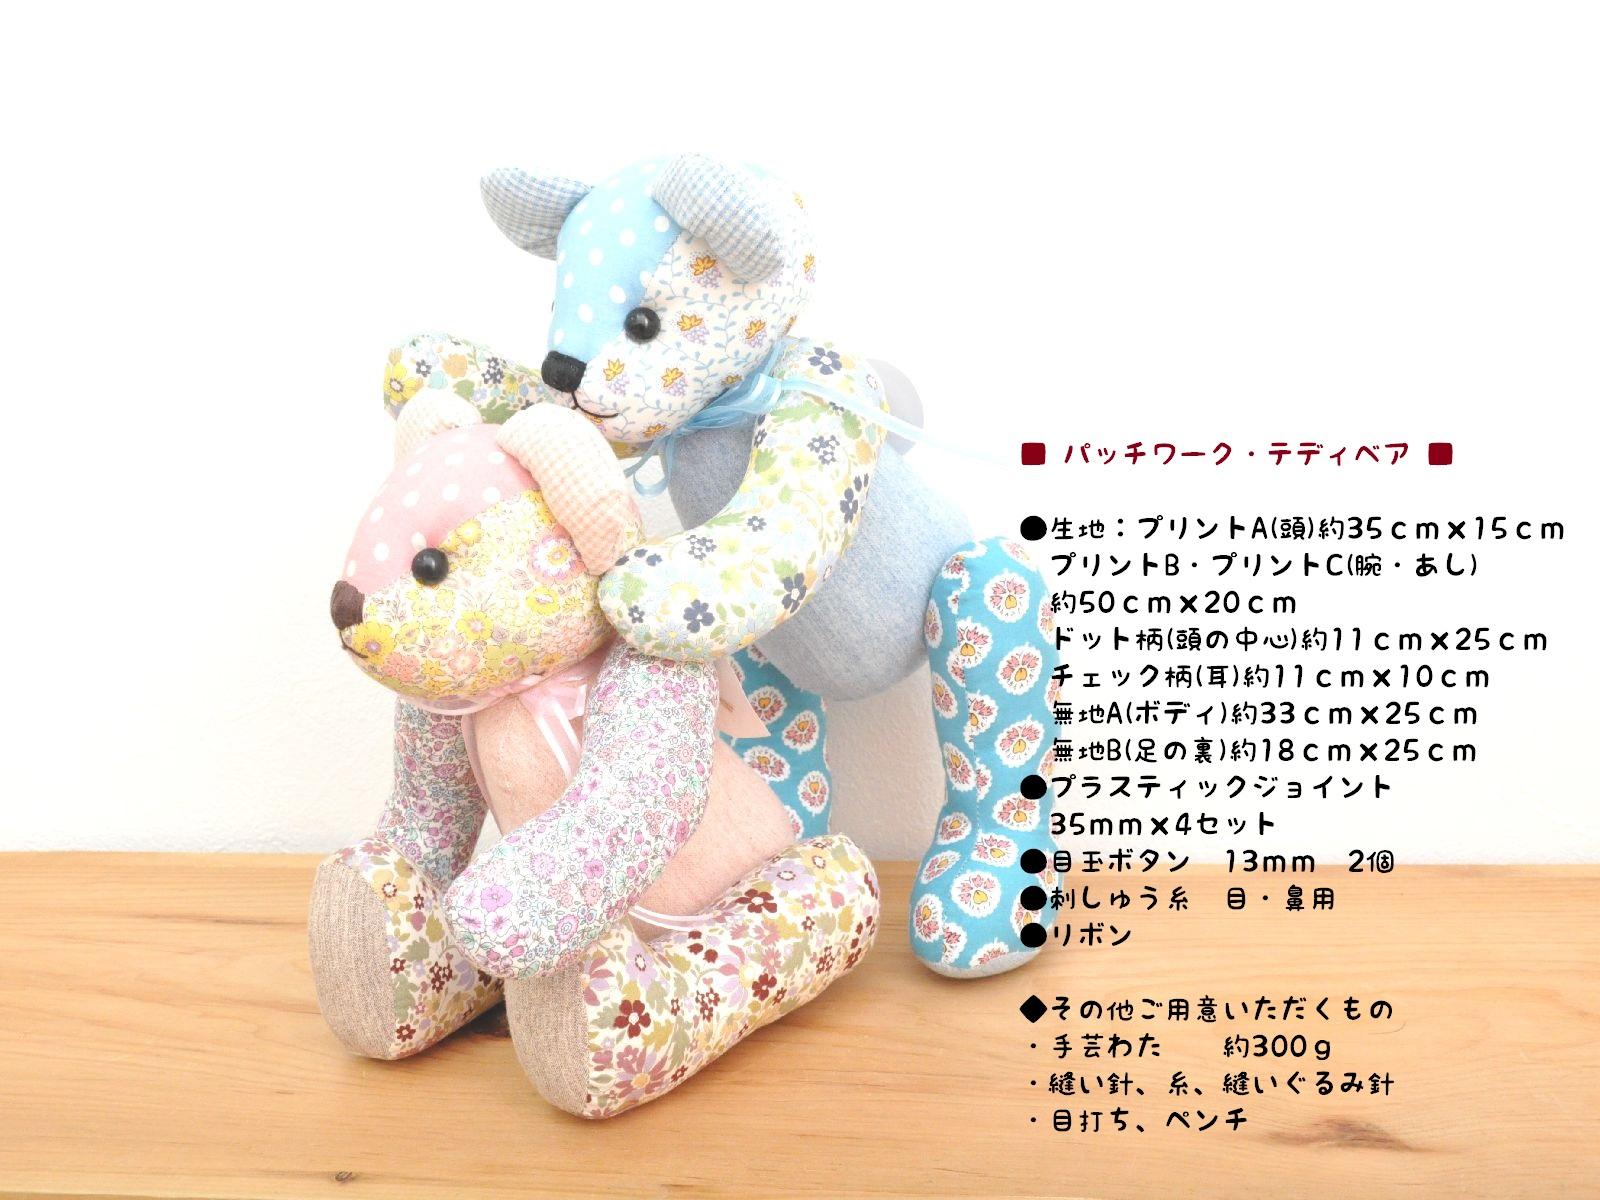 -☆ 拼凑而成的泰迪熊青睐尝试简单的第一个工具包 / 拼布 /teddy bear / 泰迪熊可爱! //P16Sep15